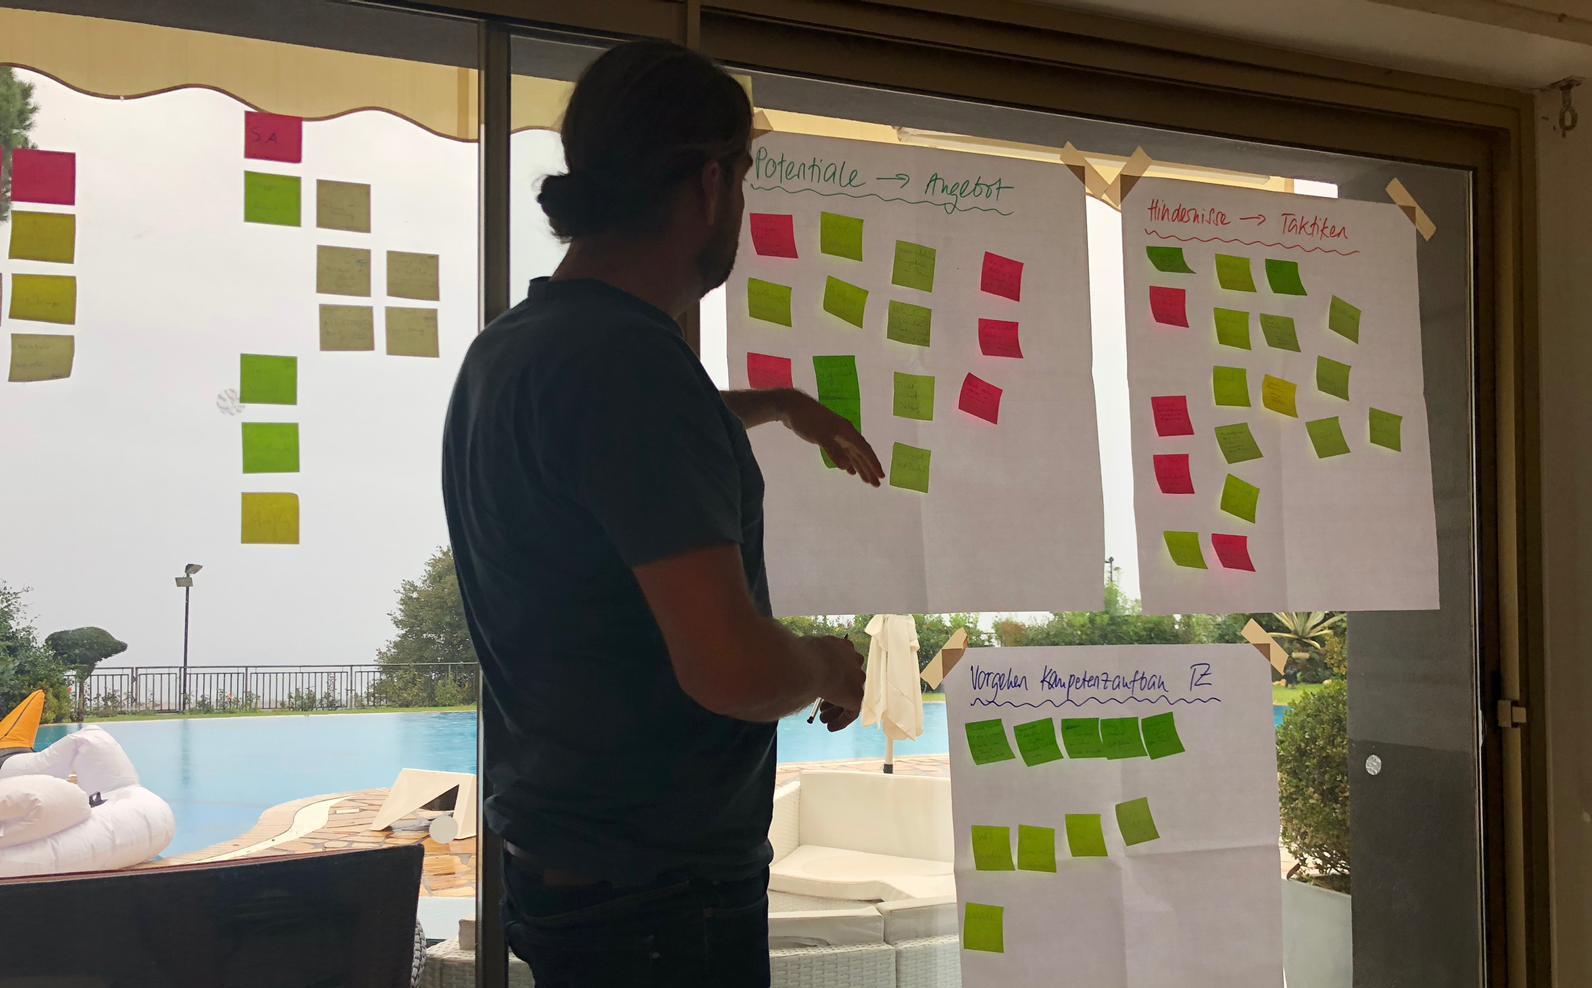 Internes Barcamp: Auch mit wenig Leuten ein Erfolg?